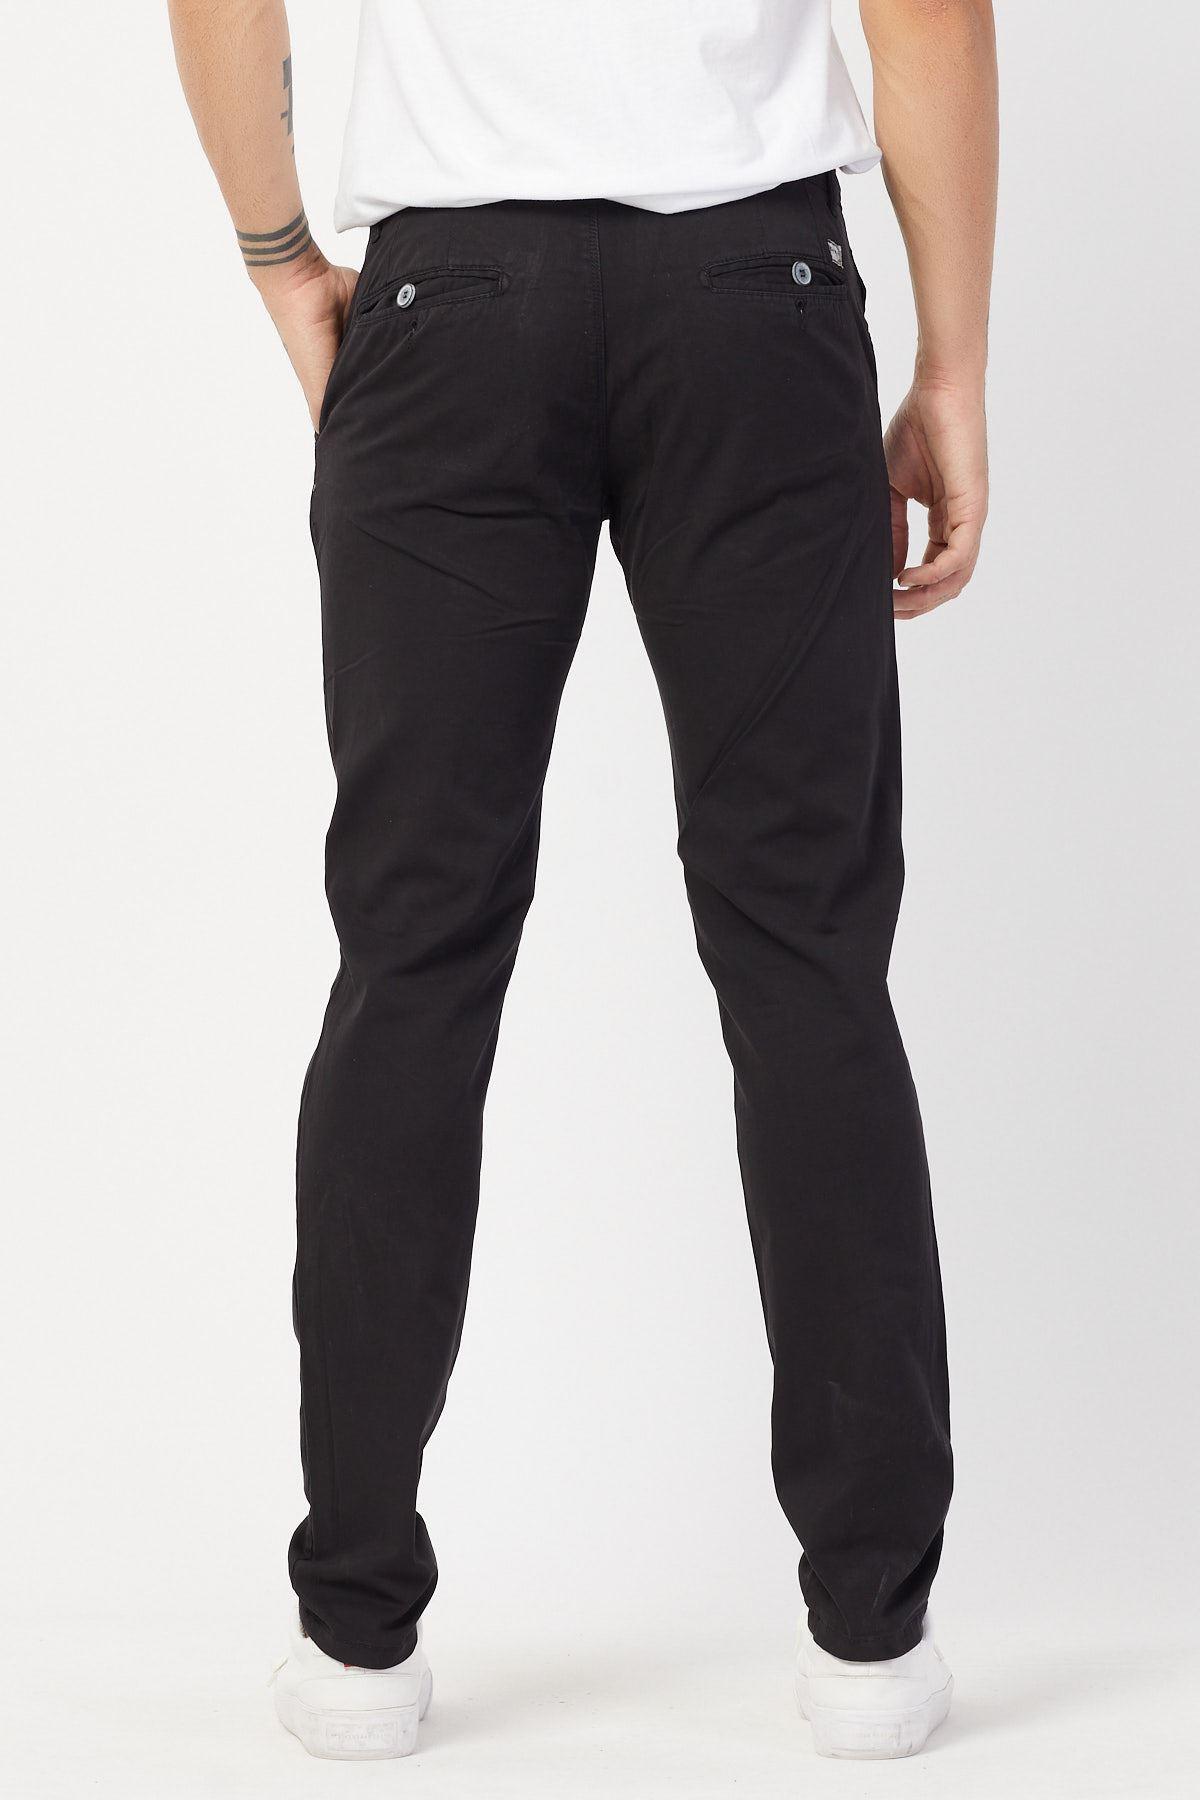 Yandan Cepli Siyah Keten Pantolon